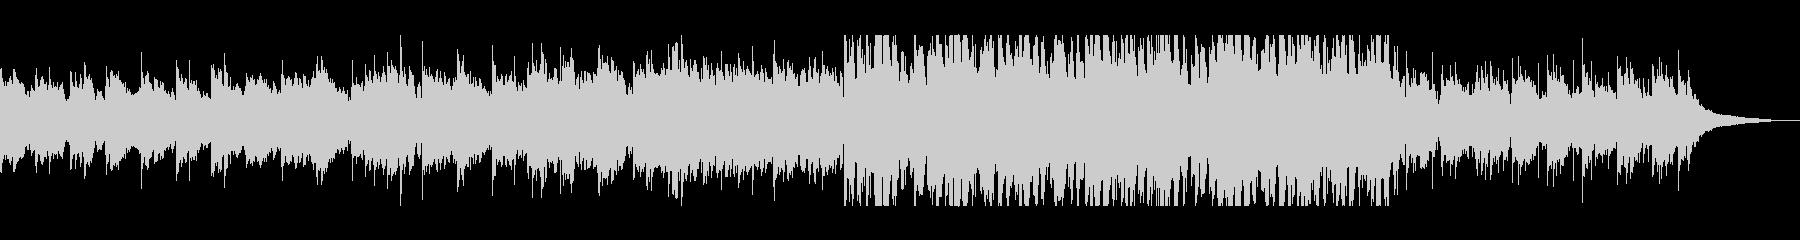 悲しげなシンセピアノテクノバラードの未再生の波形